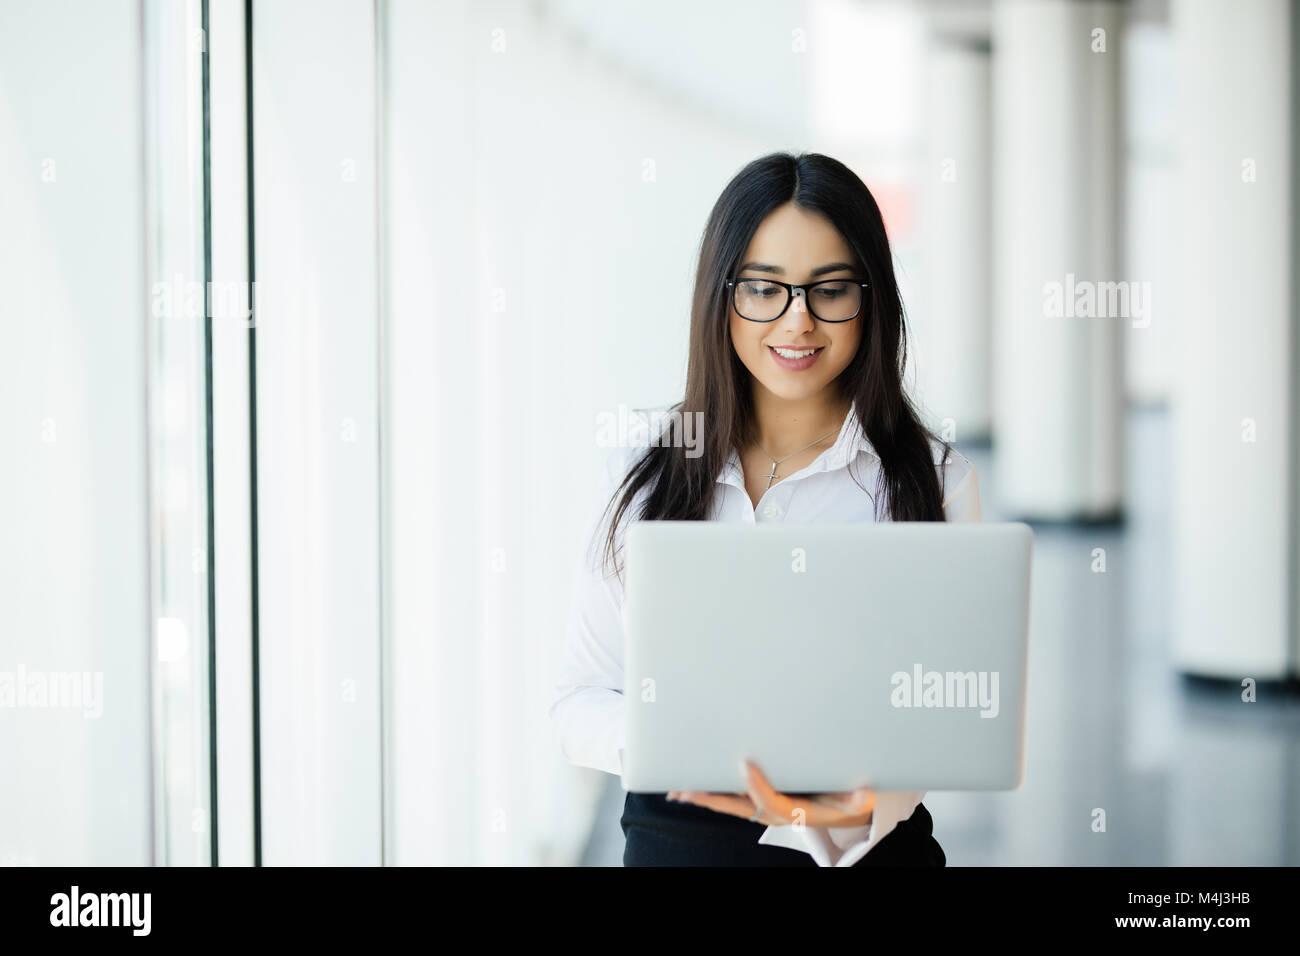 Portrait of young woman holding laptop debout contre la fenêtre panoramique avec vue sur la ville Banque D'Images